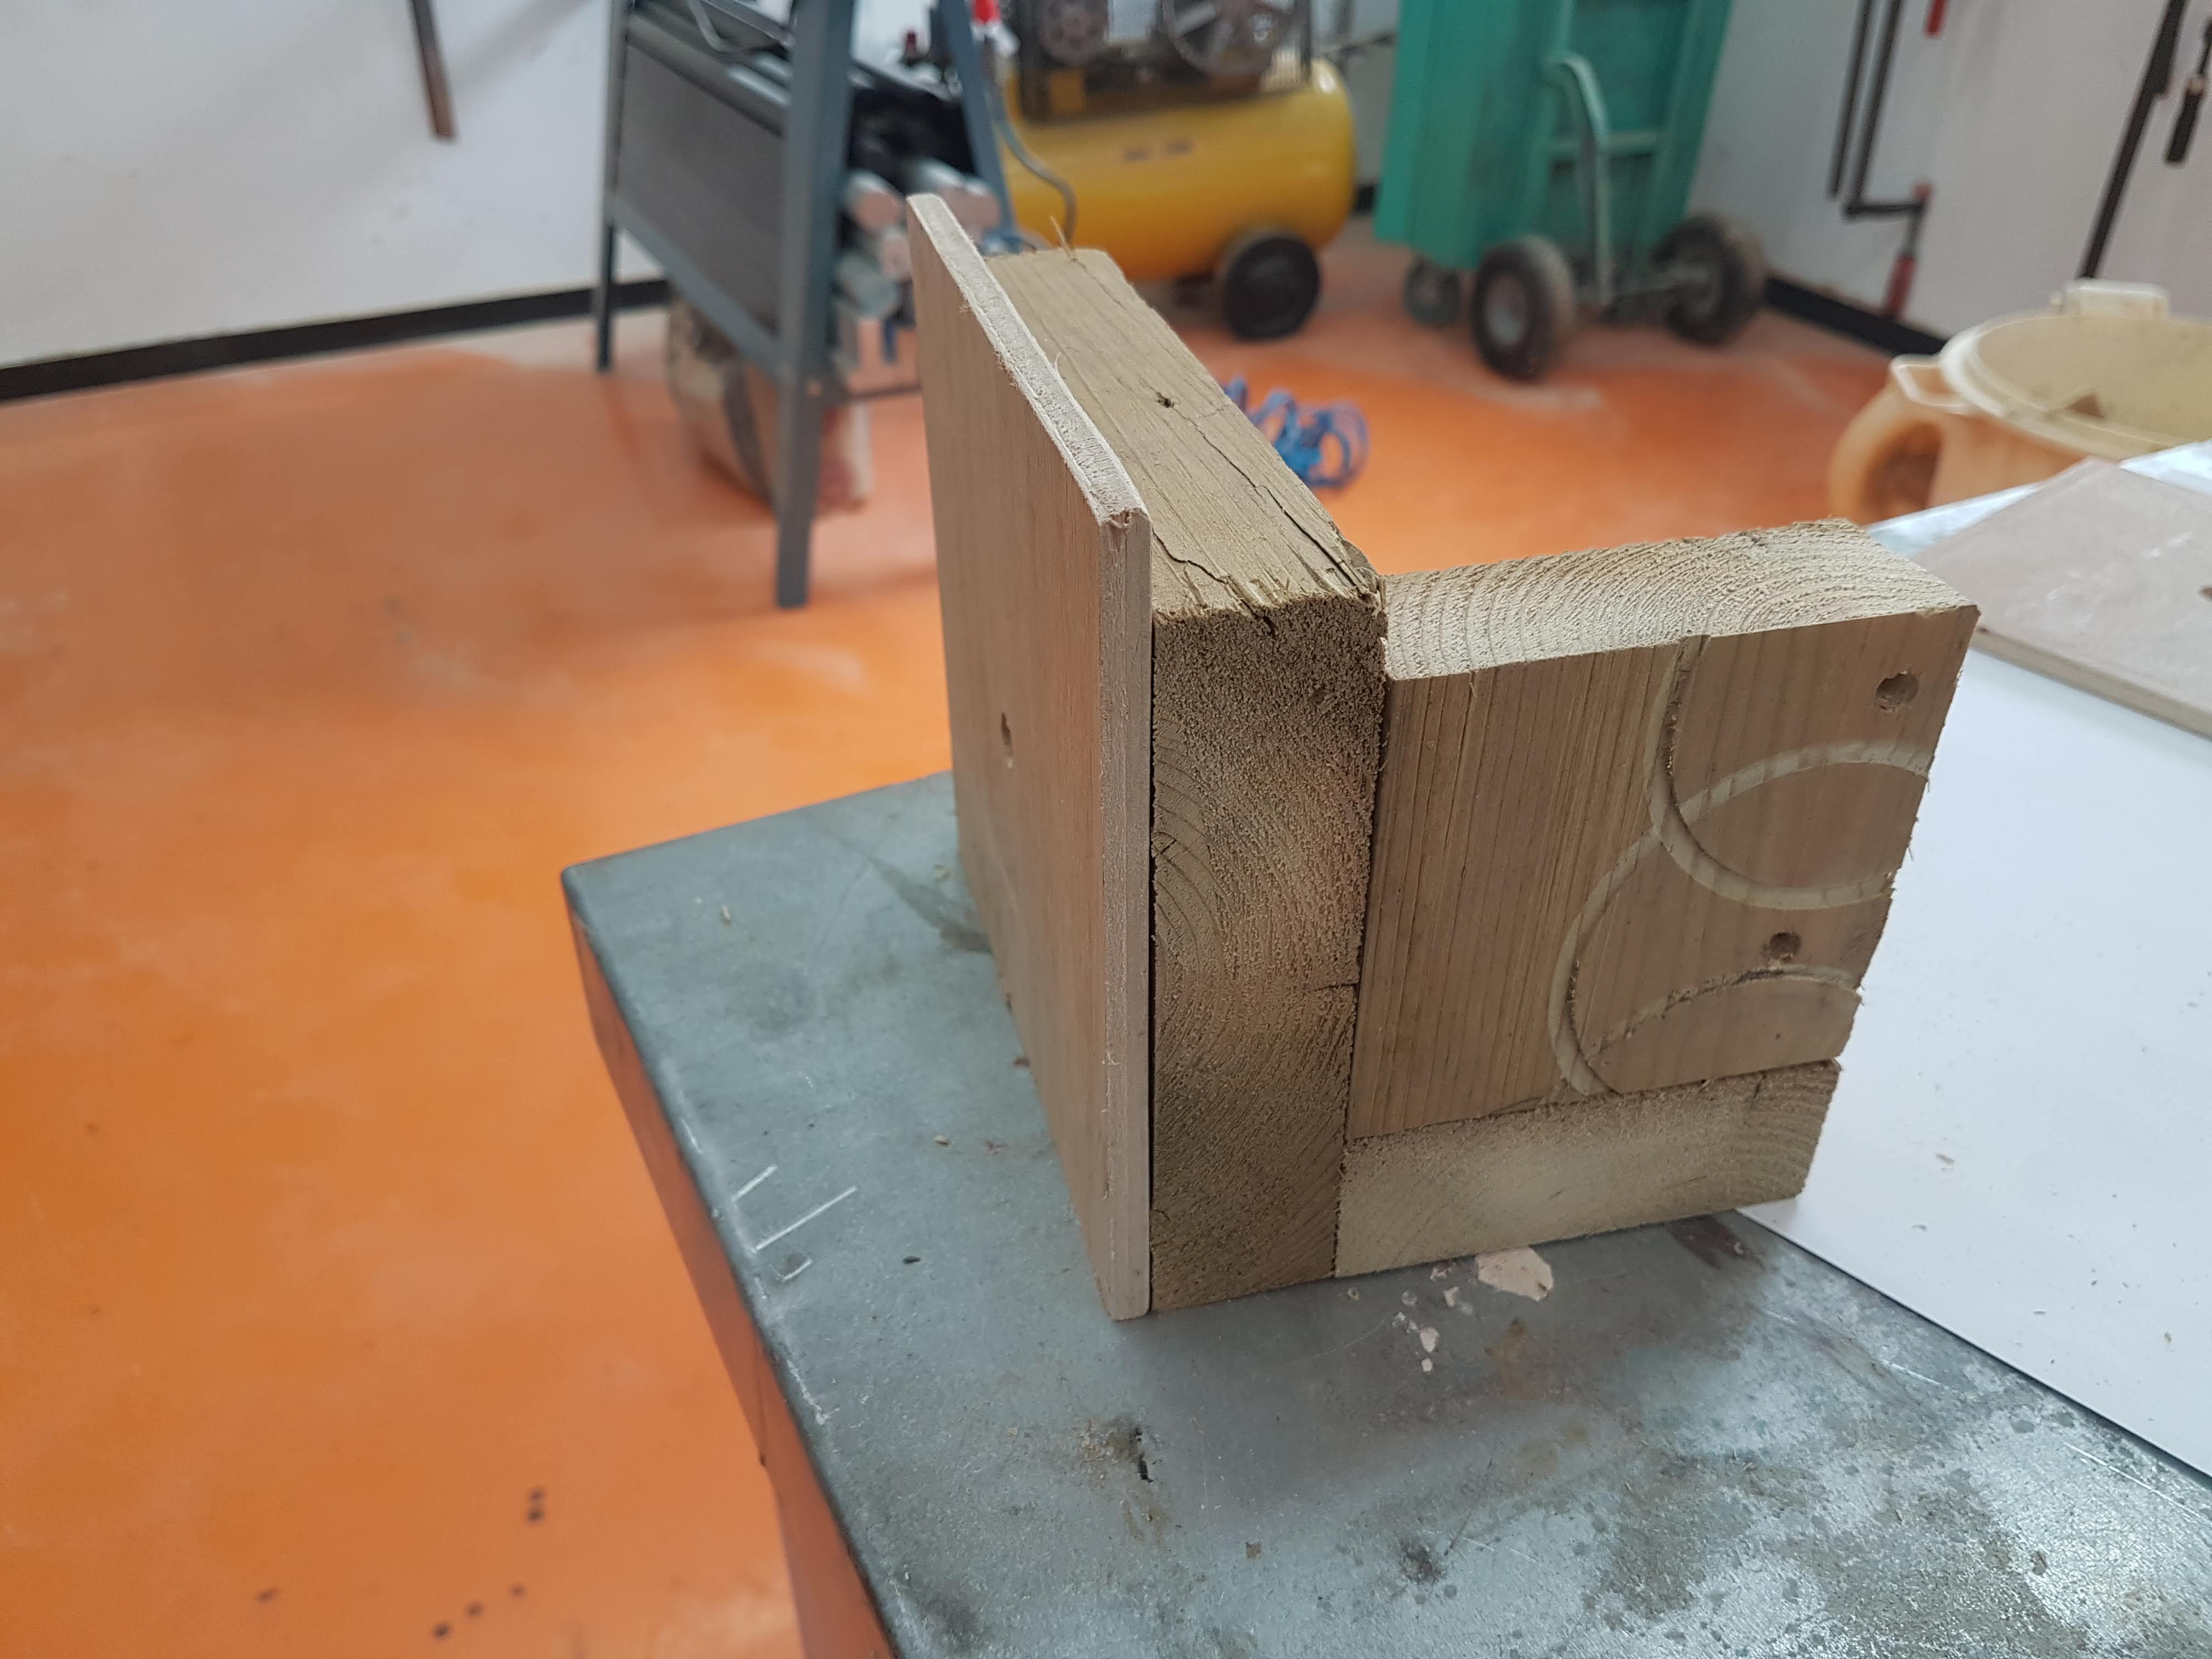 תמונה מאחור - הלוח הצדדי מוצב בג'יג